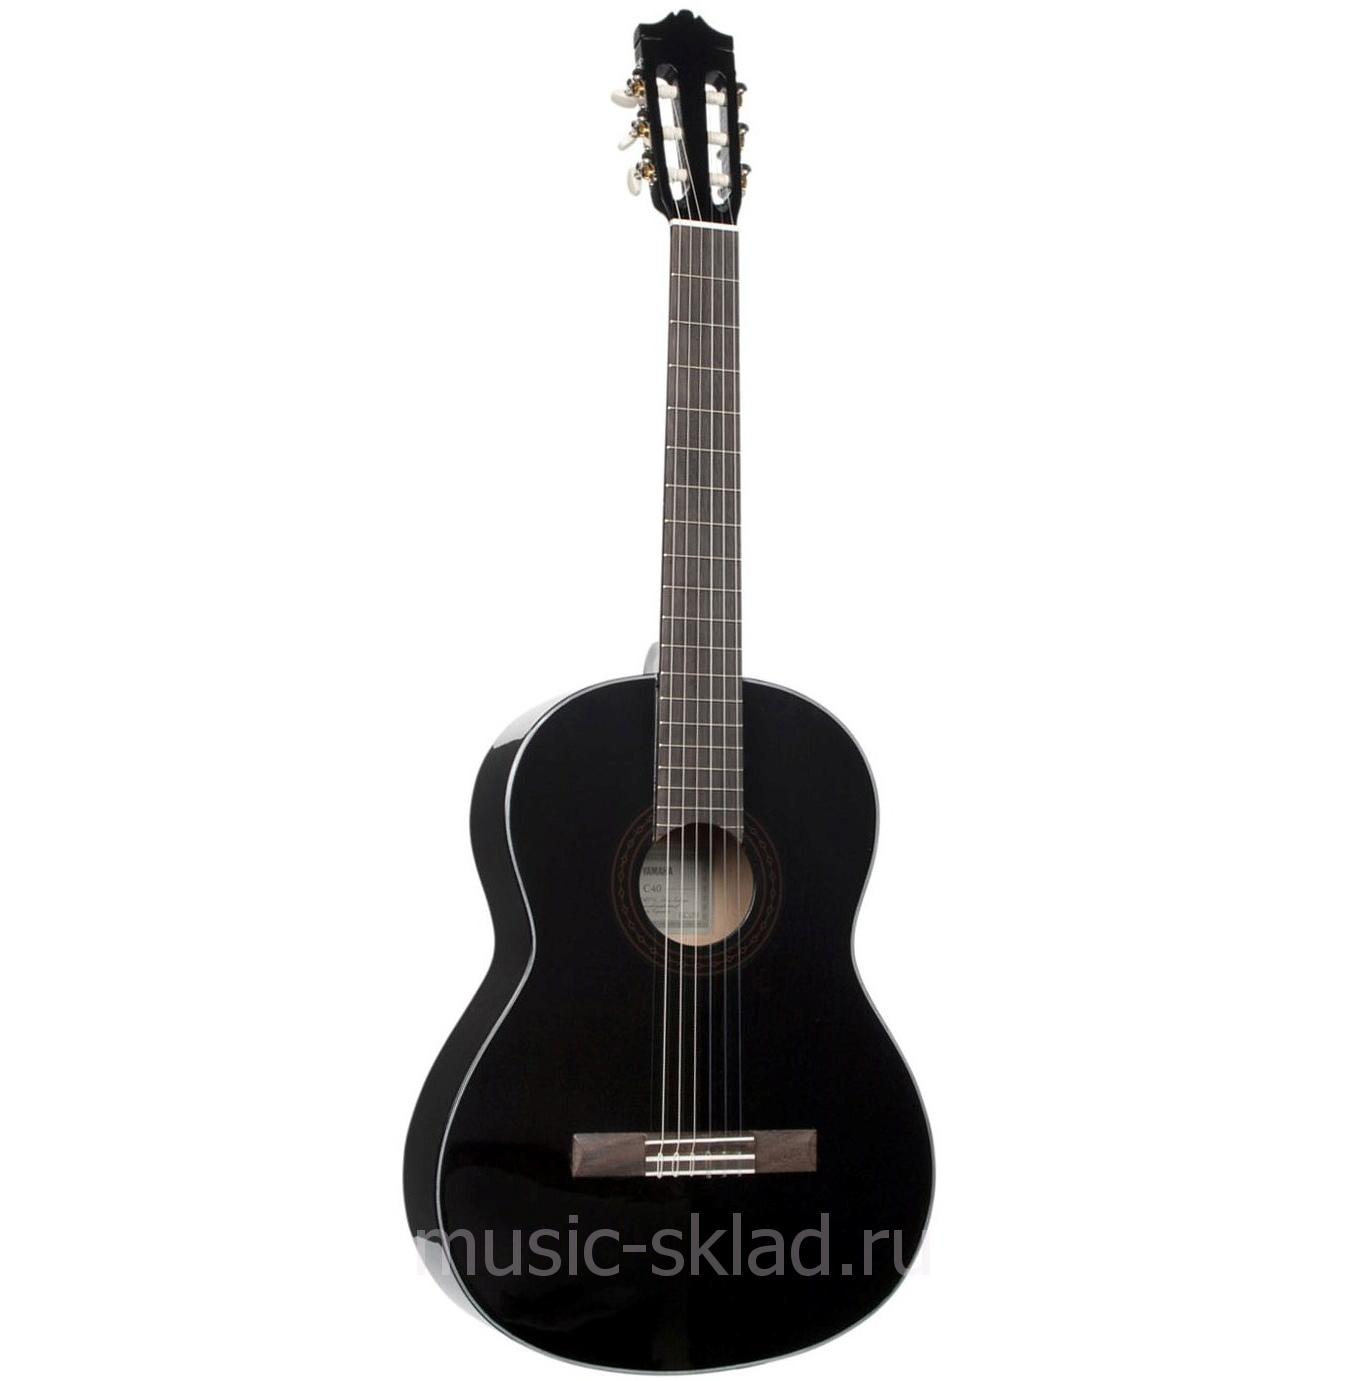 Классическая гитара Yamaha-c40bl